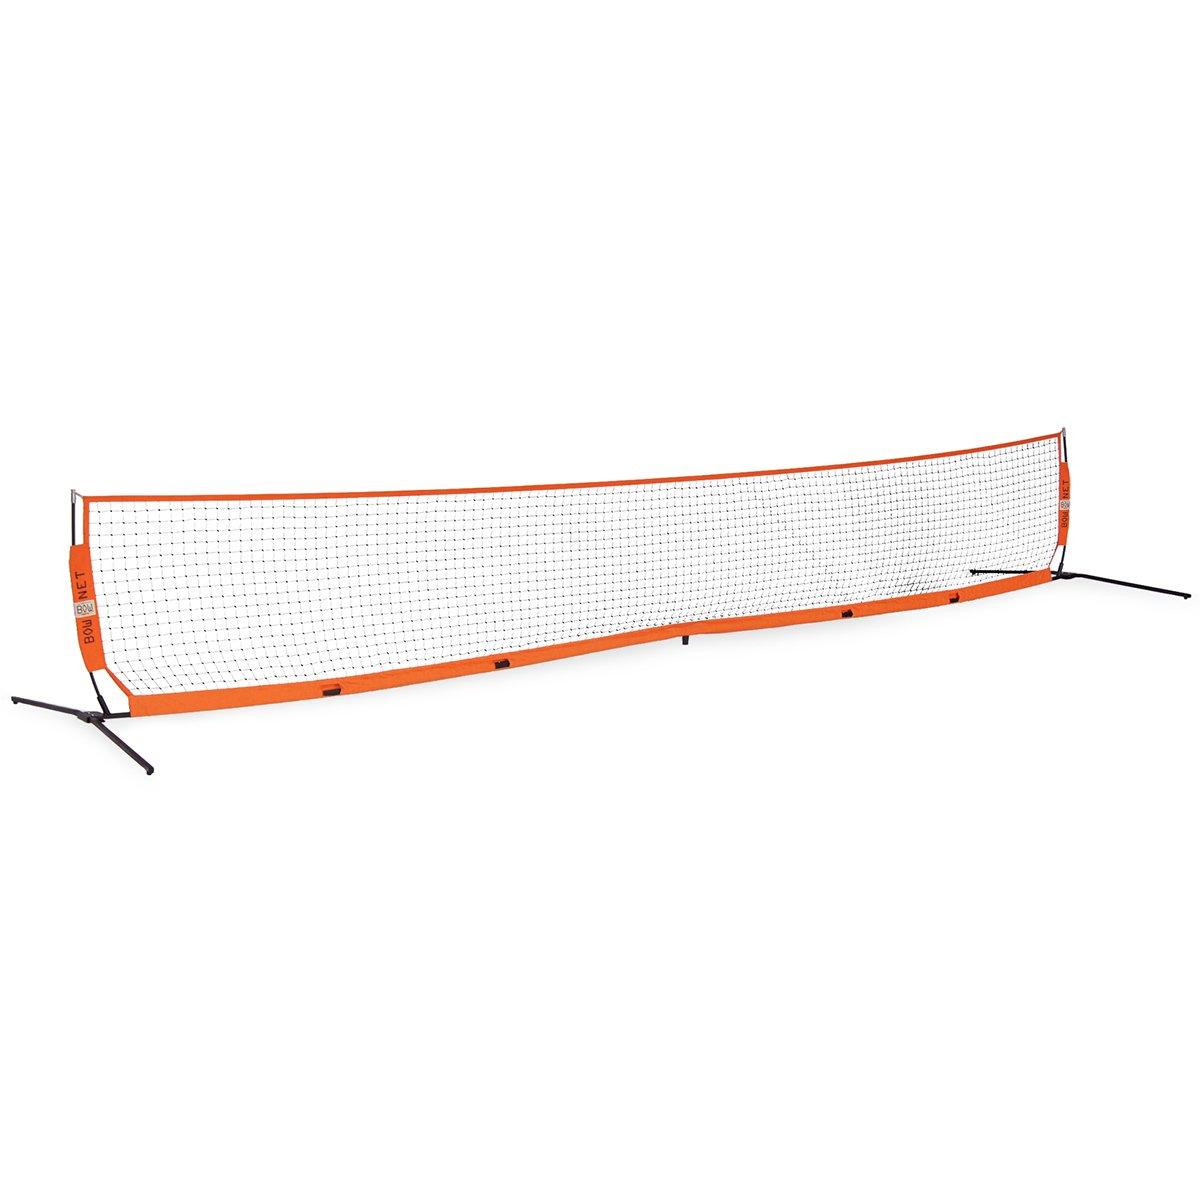 Bownet 12' x 3' Portable Barrier Net, Soccer Tennis Net, and Tennis Net